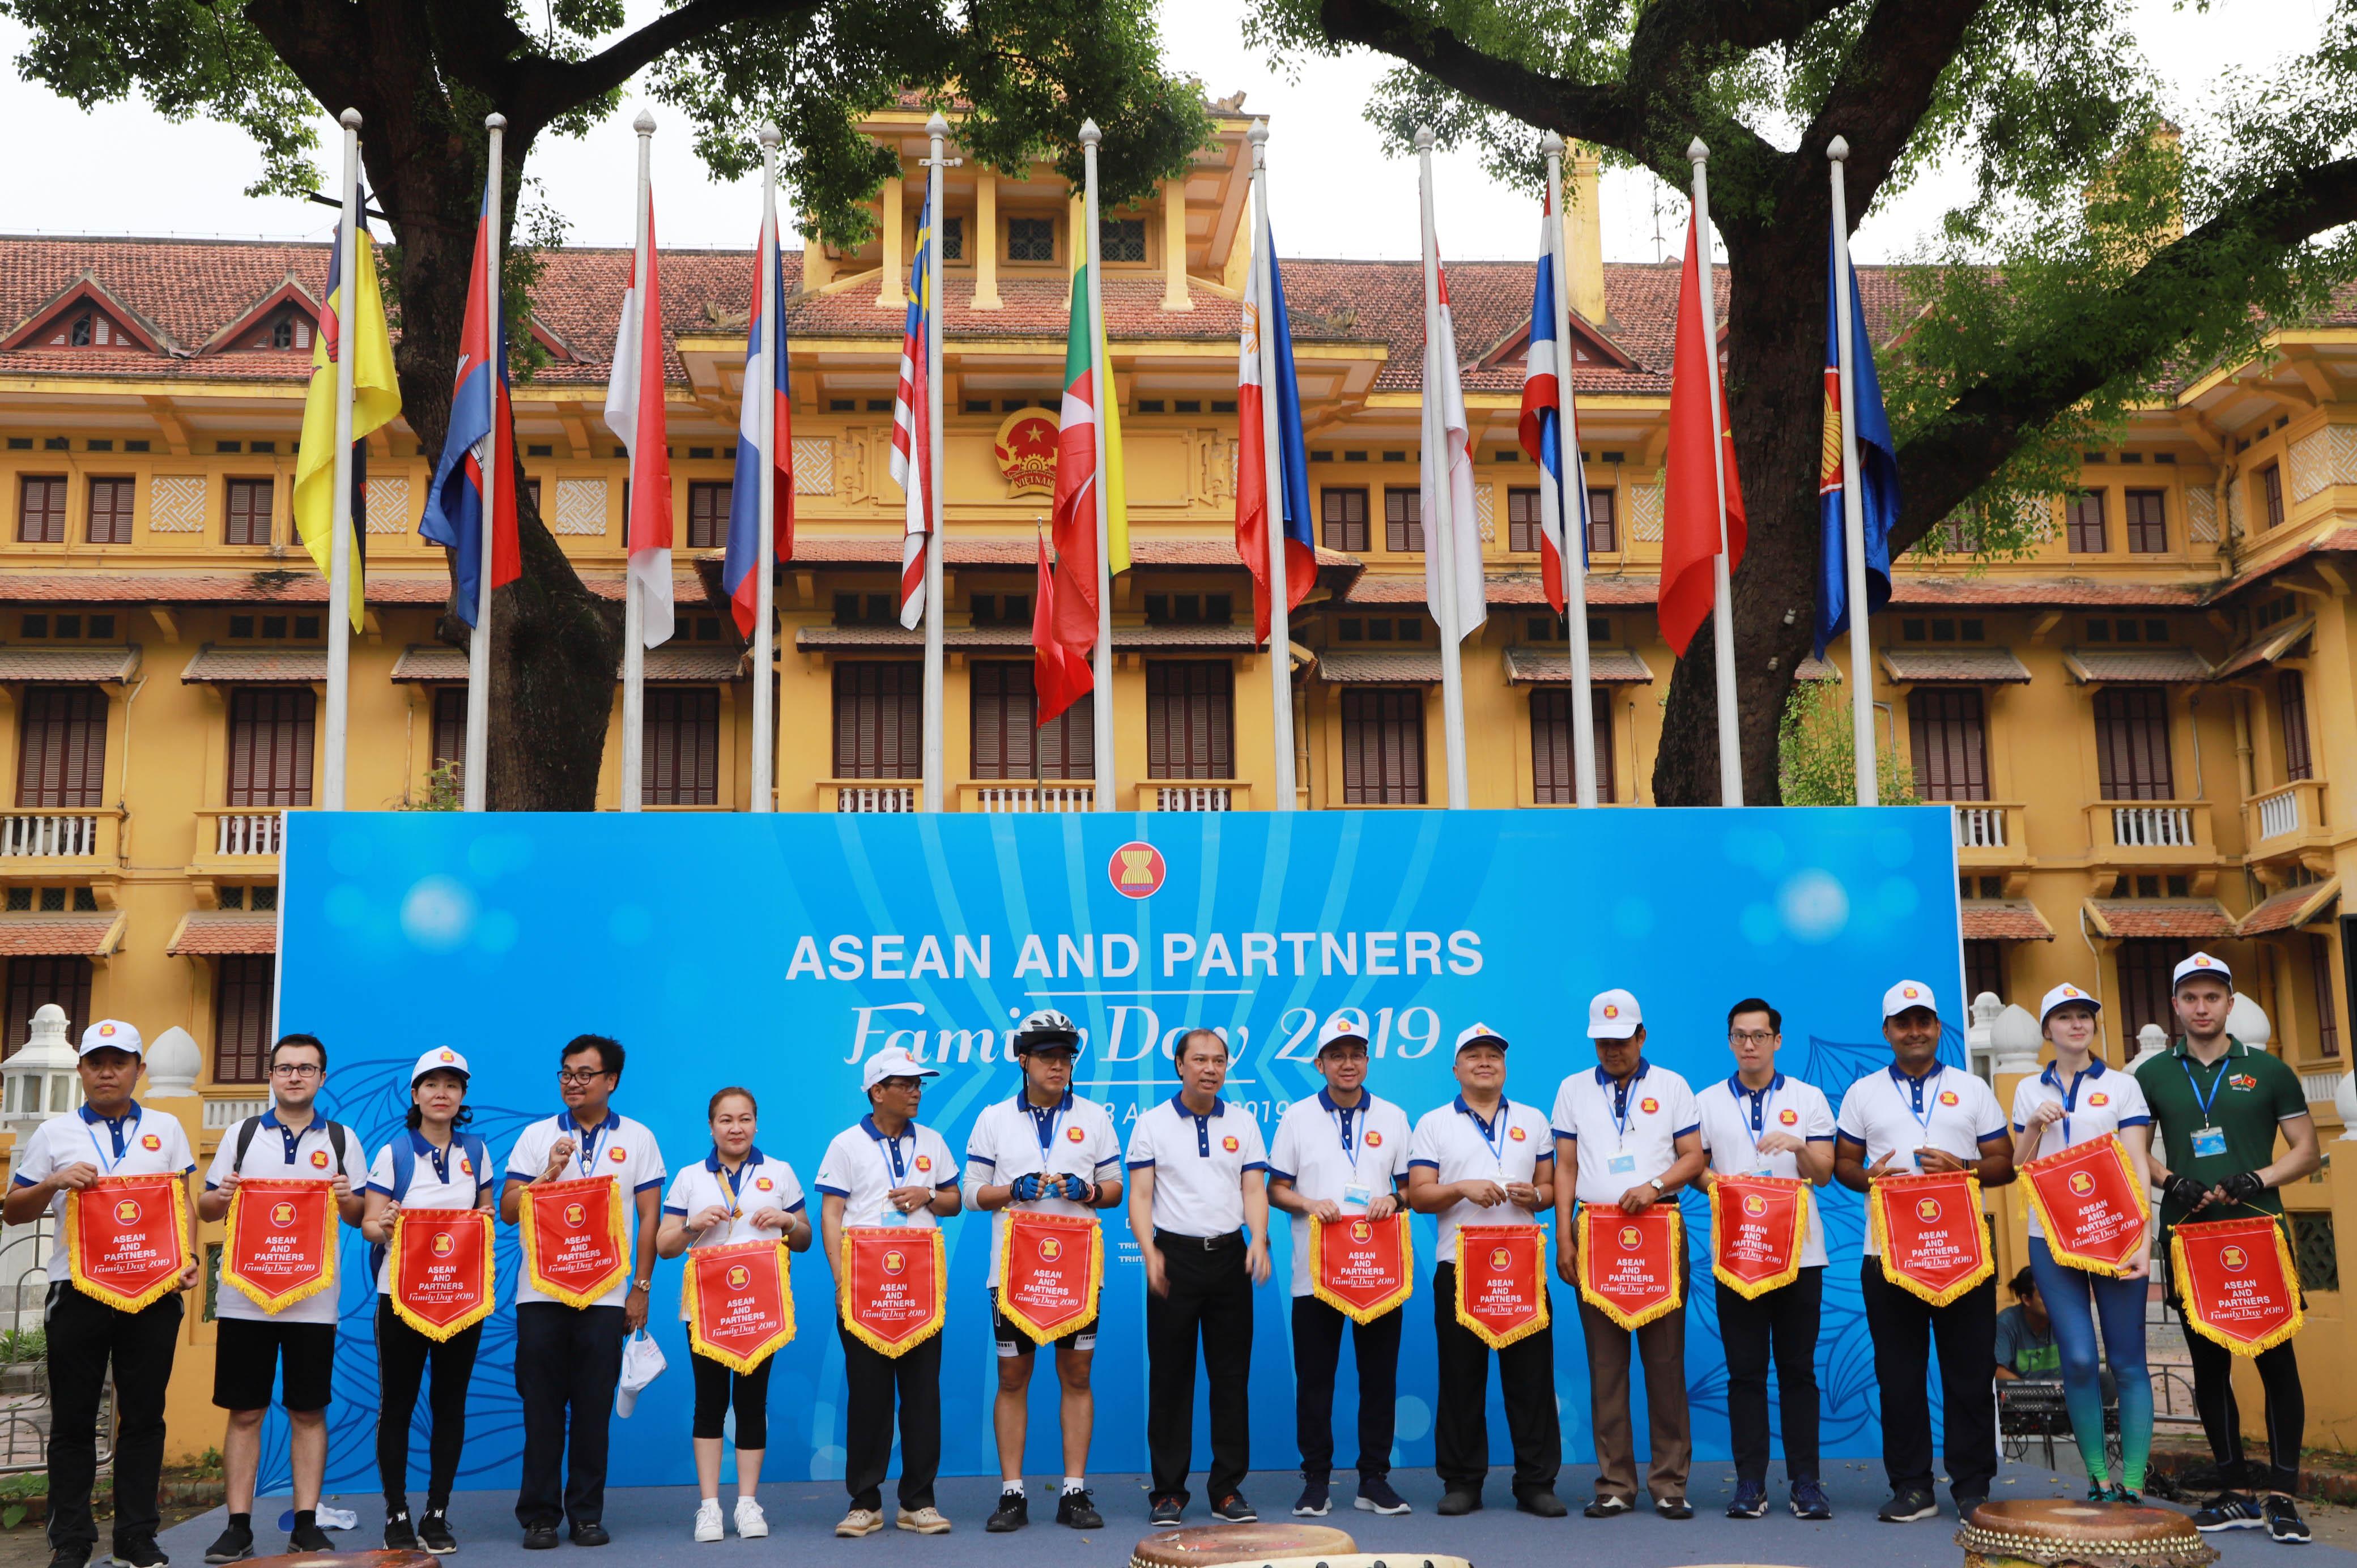 Hơn nửa thế kỷ qua, ASEAN đã phát triển để trở thành một cộng đồng hòa bình, kiên cường và thịnh vượng của 10 quốc gia Đông Nam Á; một đối tác đáng tin cậy của tất cả các nước trong khu vực và thế giới vì mục tiêu hòa bình, đối thoại và hợp tác. Đây là dịp để các thành viên đại gia đình ASEAN tăng cường hiểu biết lẫn nhau, thắt chặt tình đoàn kết và hữu nghị.